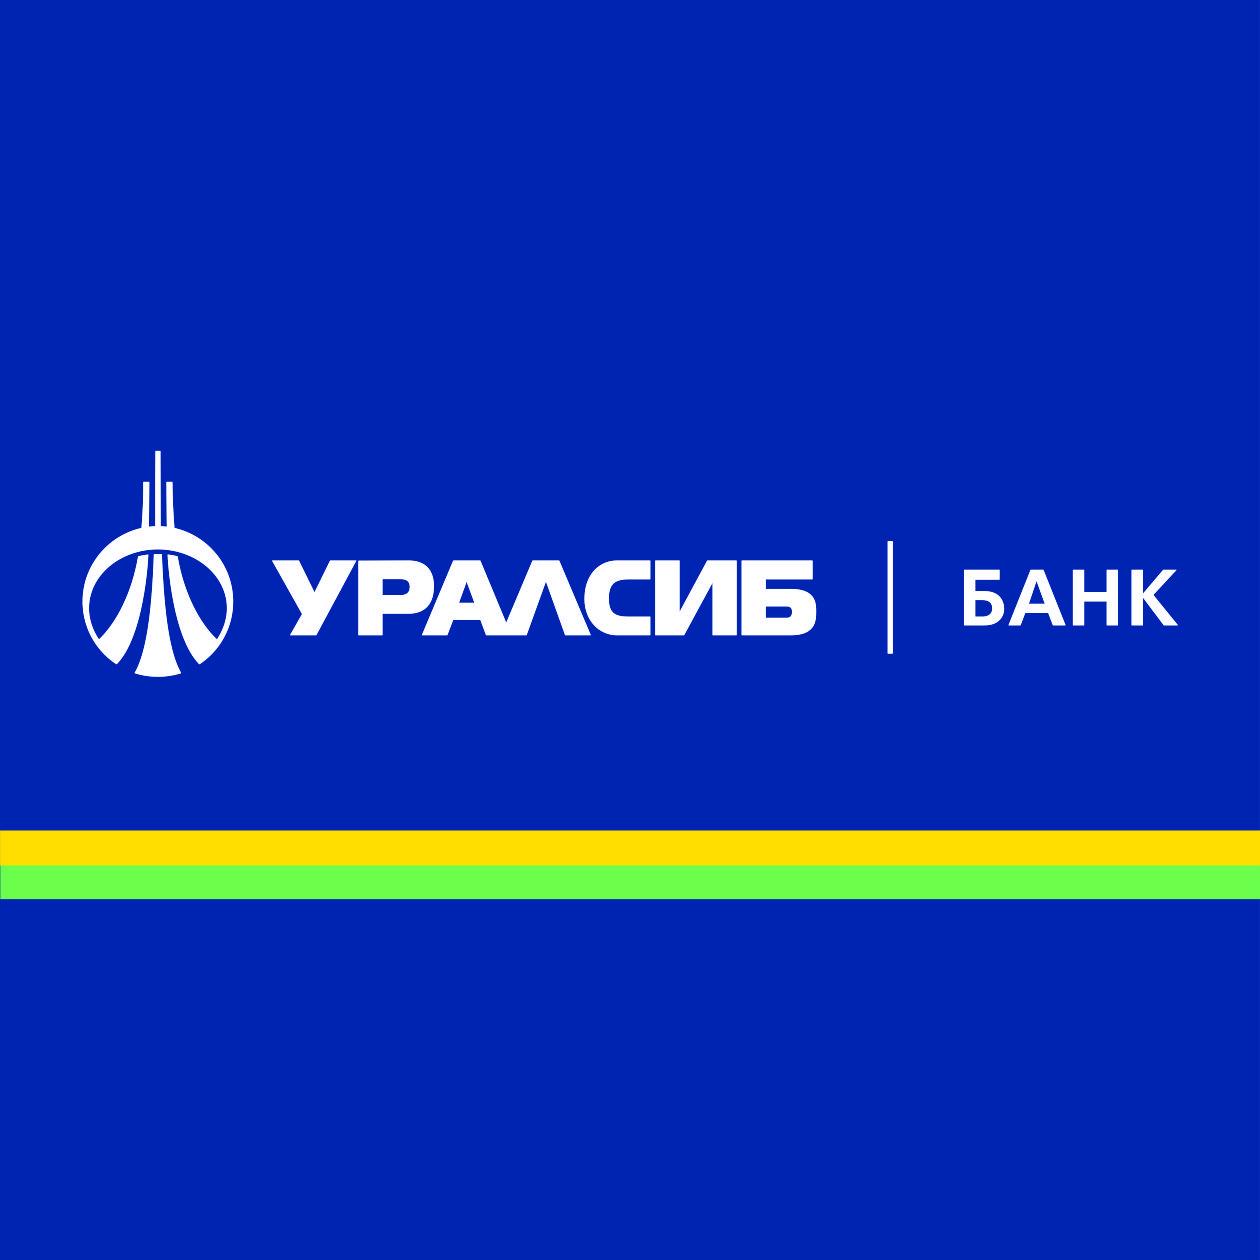 Банк УРАЛСИБ и СК УРАЛСИБ Страхование начали страховать корпоративные бизнес-карты